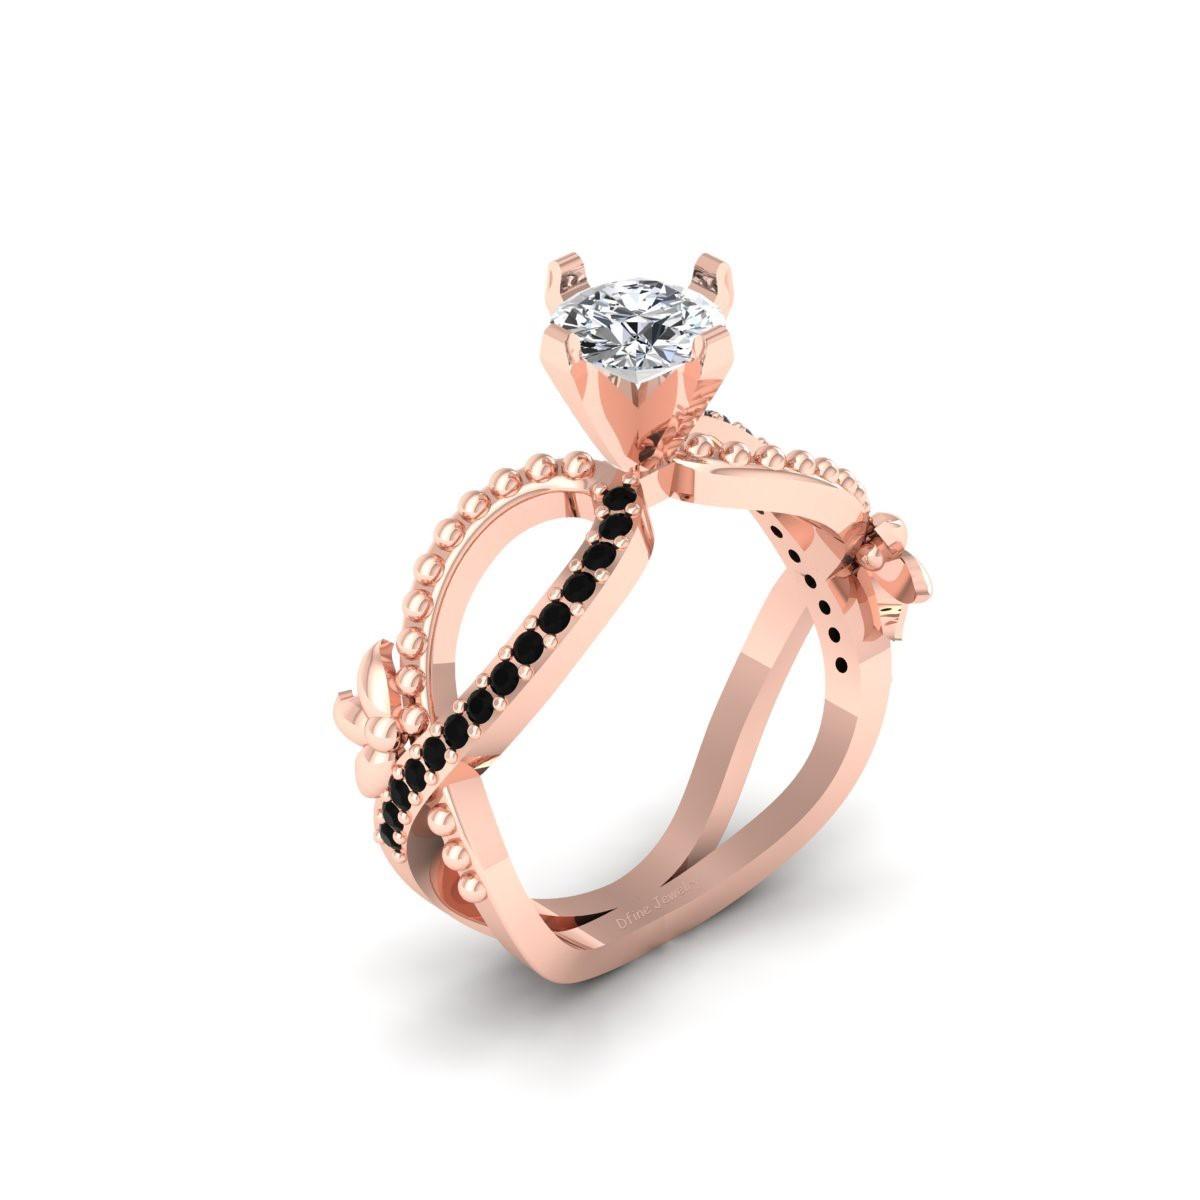 Excellent Round Cut 0.80ct Moissanite Art Nouveau Engagement Ring Bridal Jewelry - $1,299.99